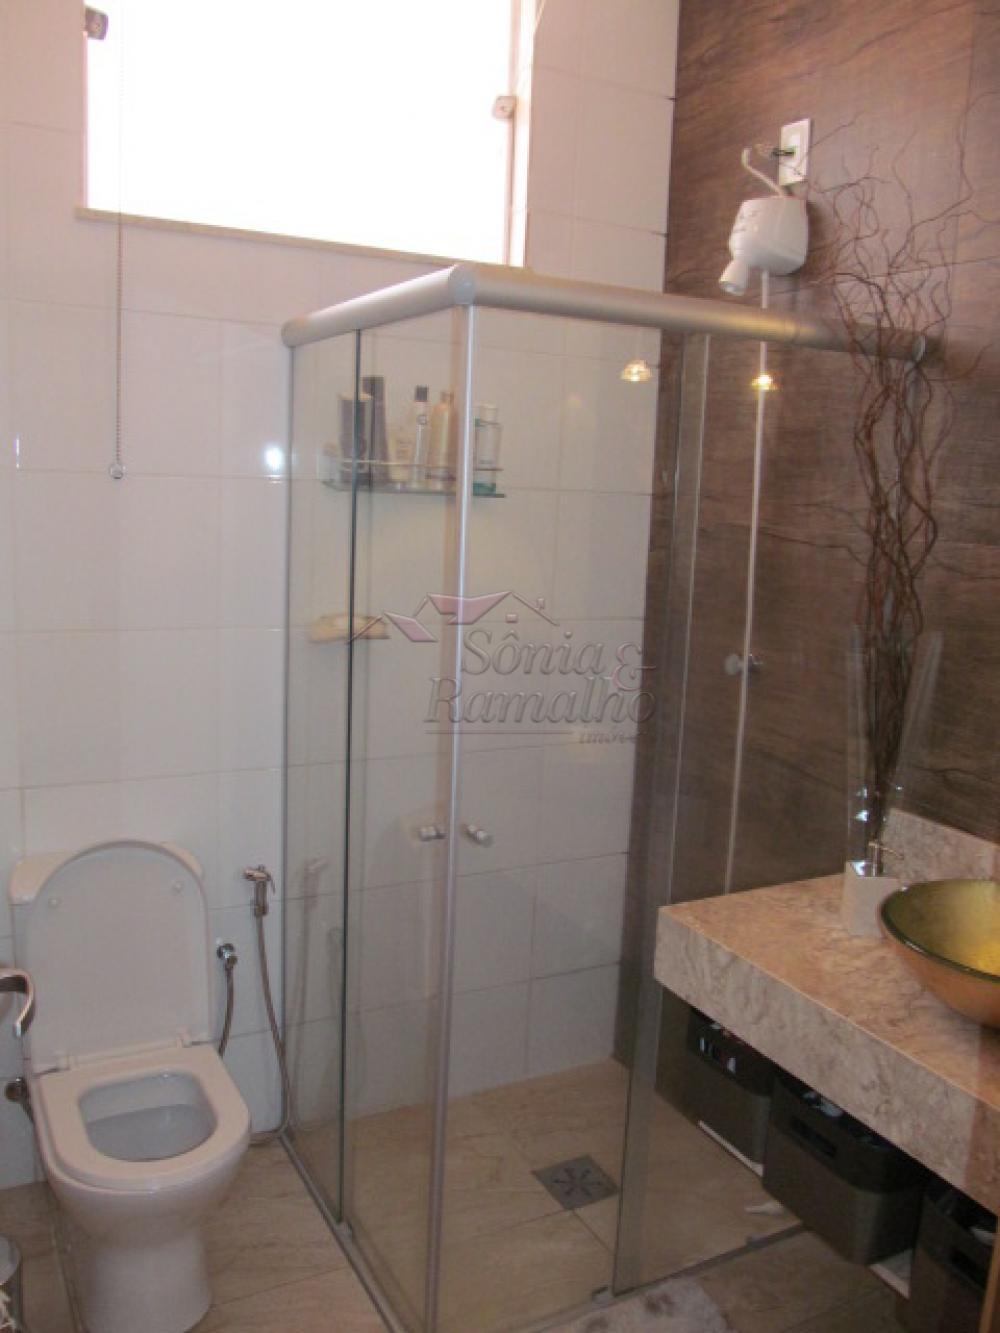 Comprar Casas / Padrão em Ribeirão Preto apenas R$ 360.000,00 - Foto 3